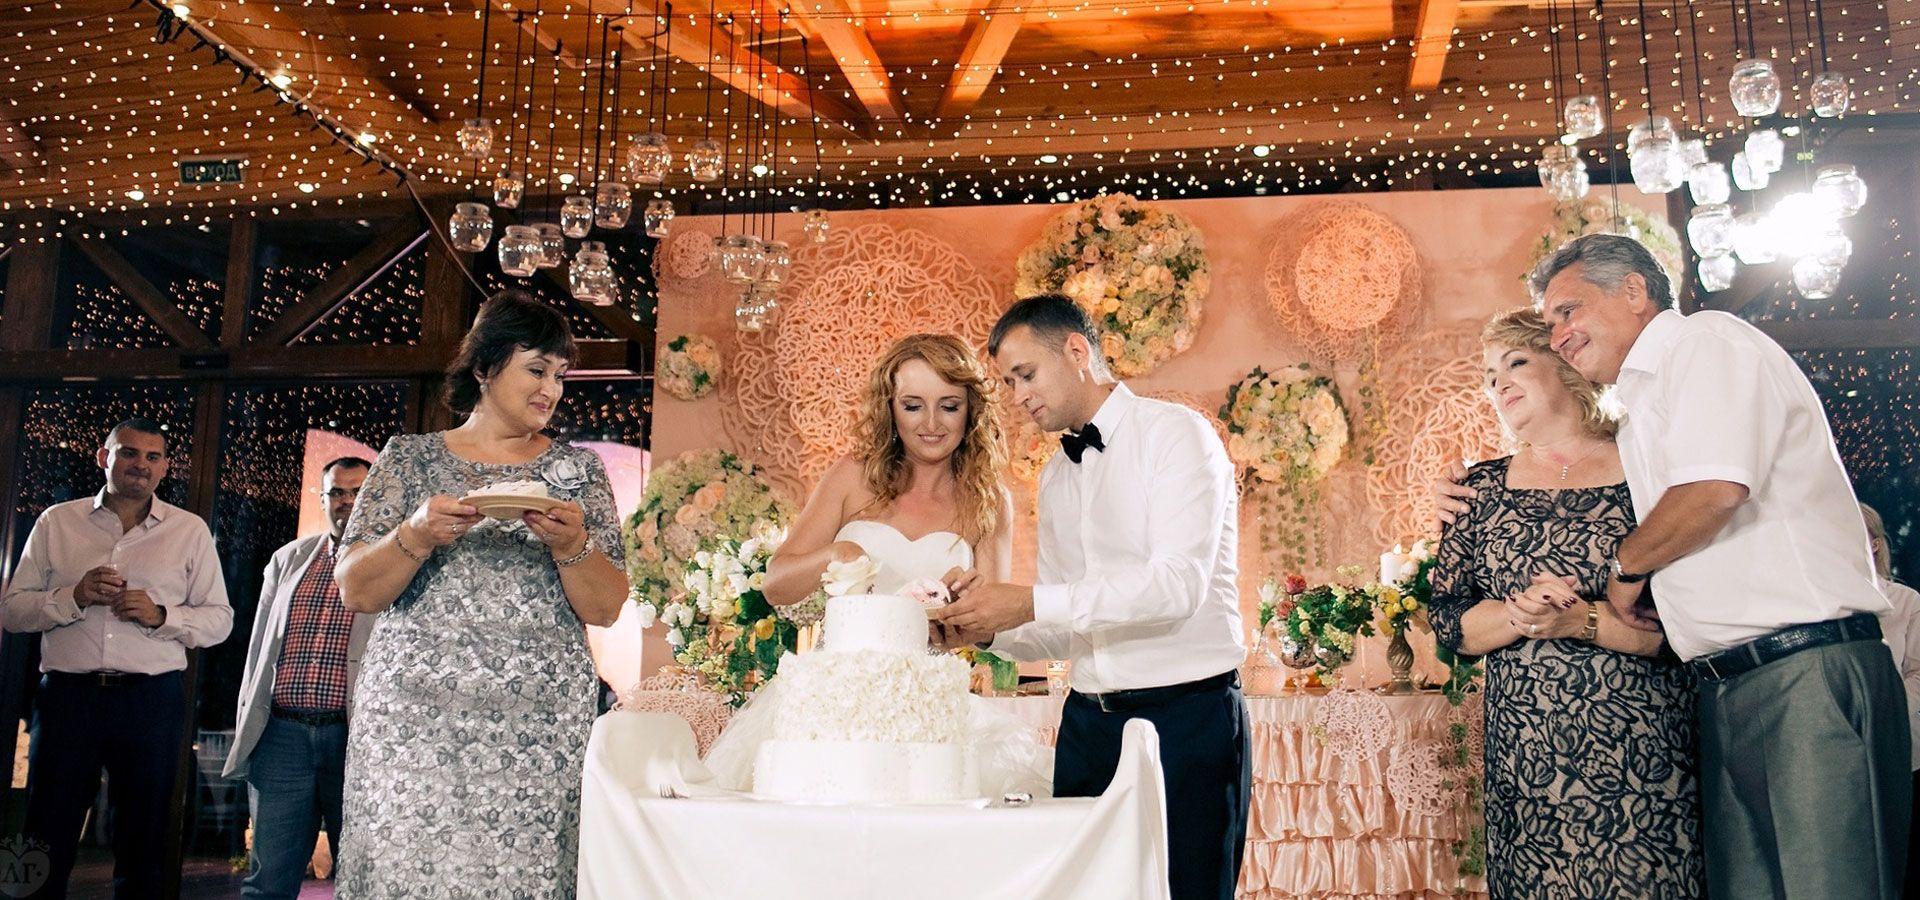 Резные орнаменты. Свадьба Анны и Тимура, фото 14